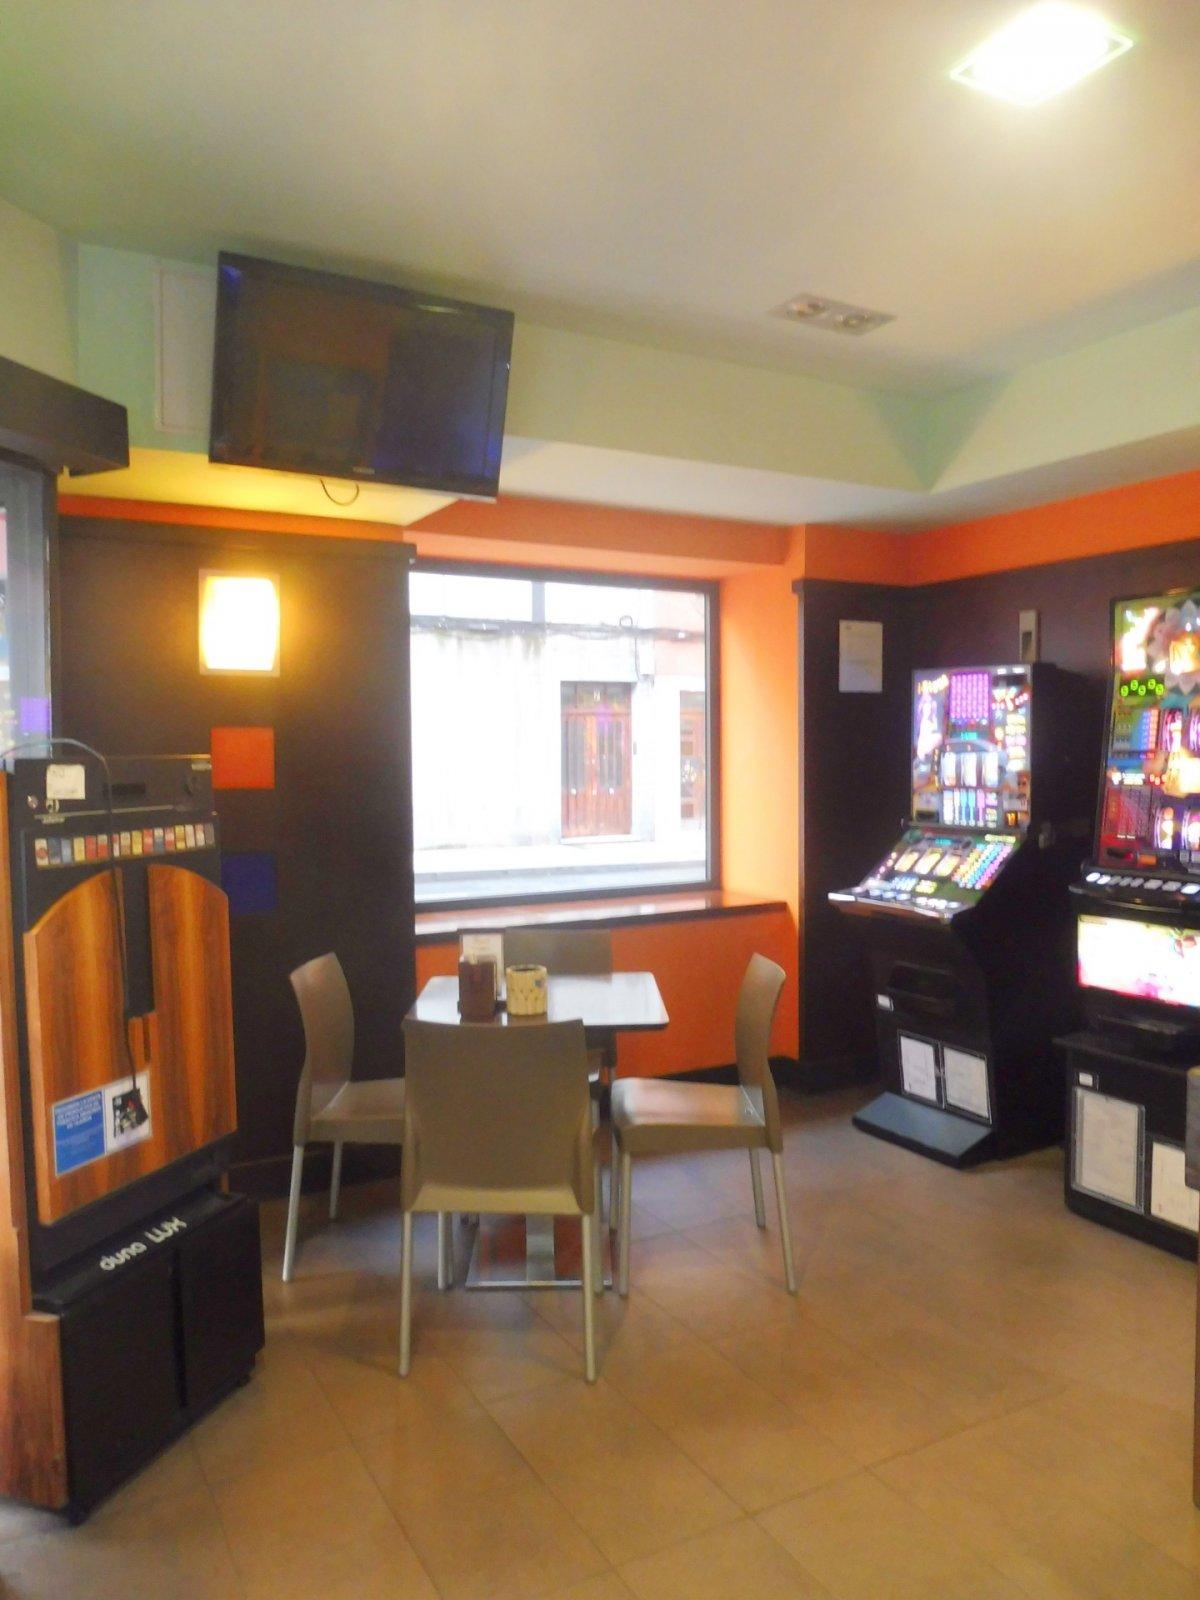 Cafetería totalmente instalada en el centro de  la calzada - imagenInmueble2